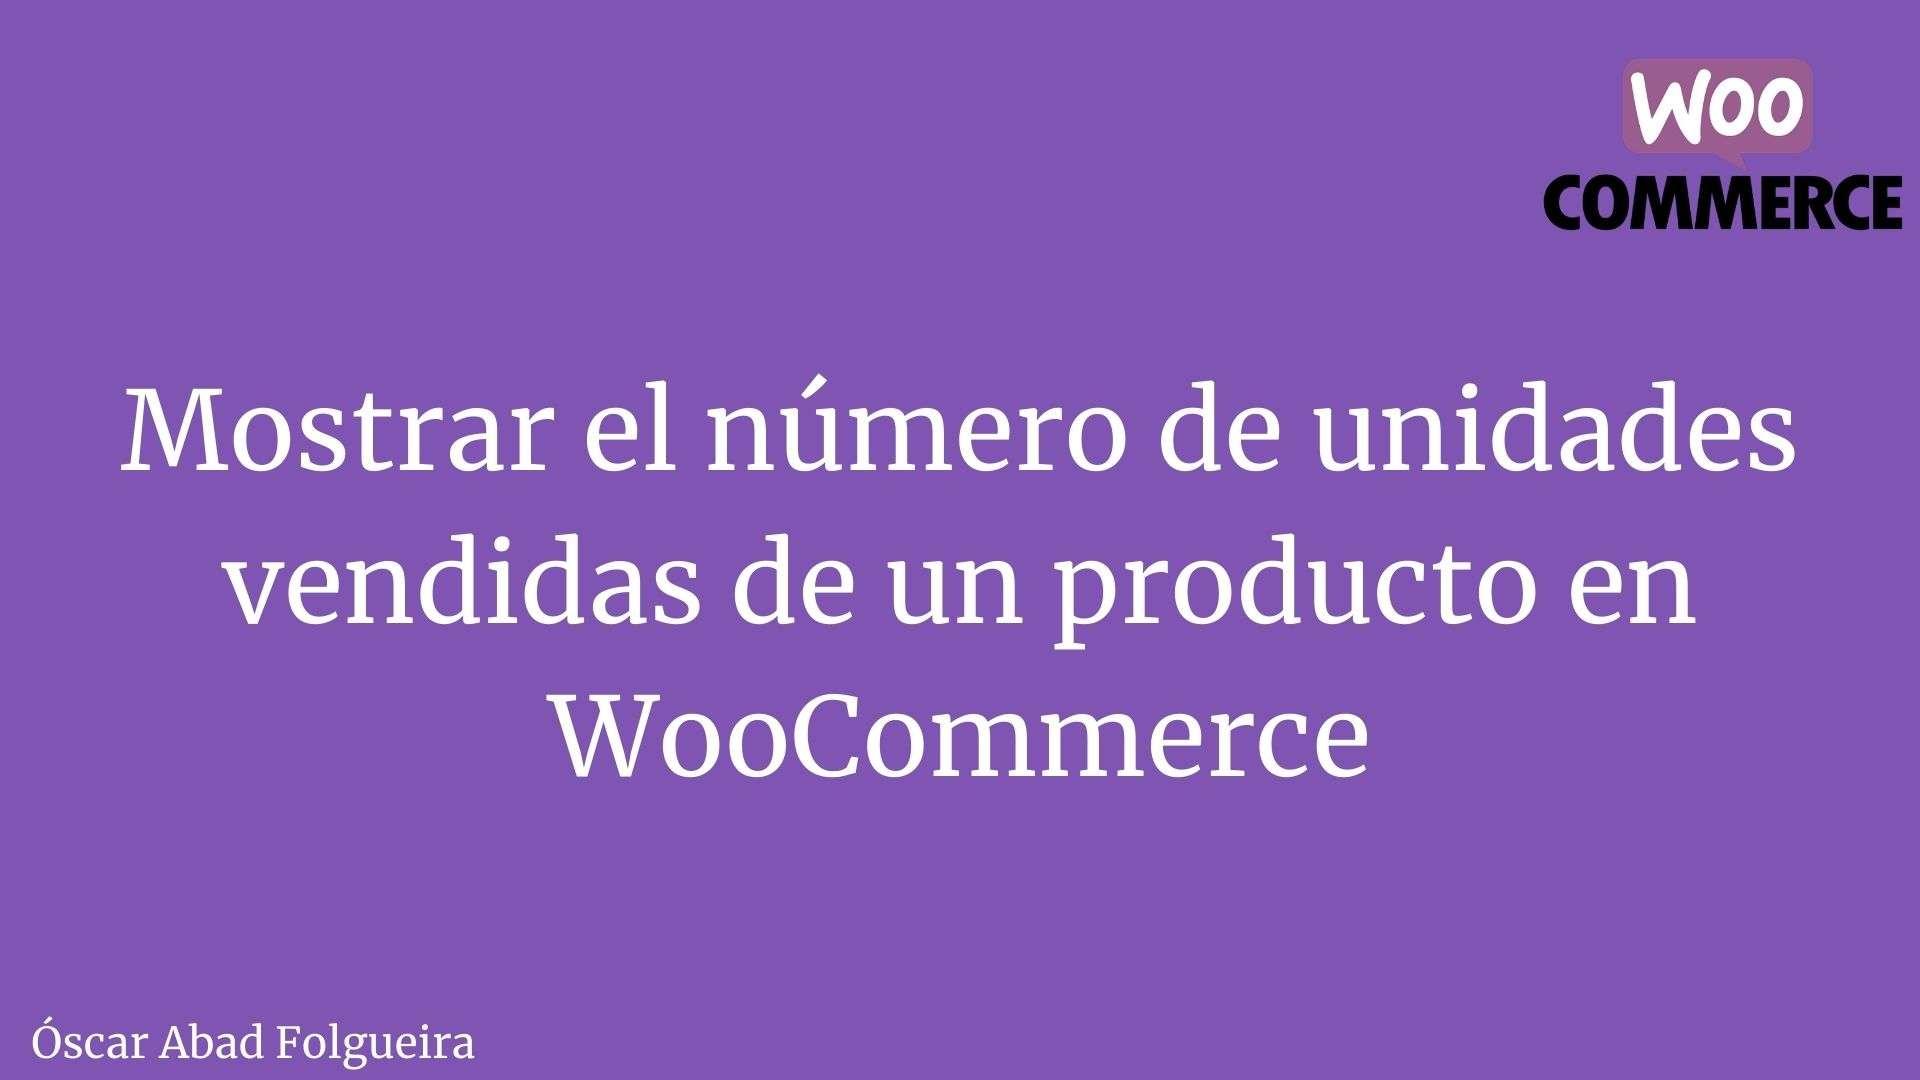 WooCommerce - mostrar el número de unidades vendidas por producto